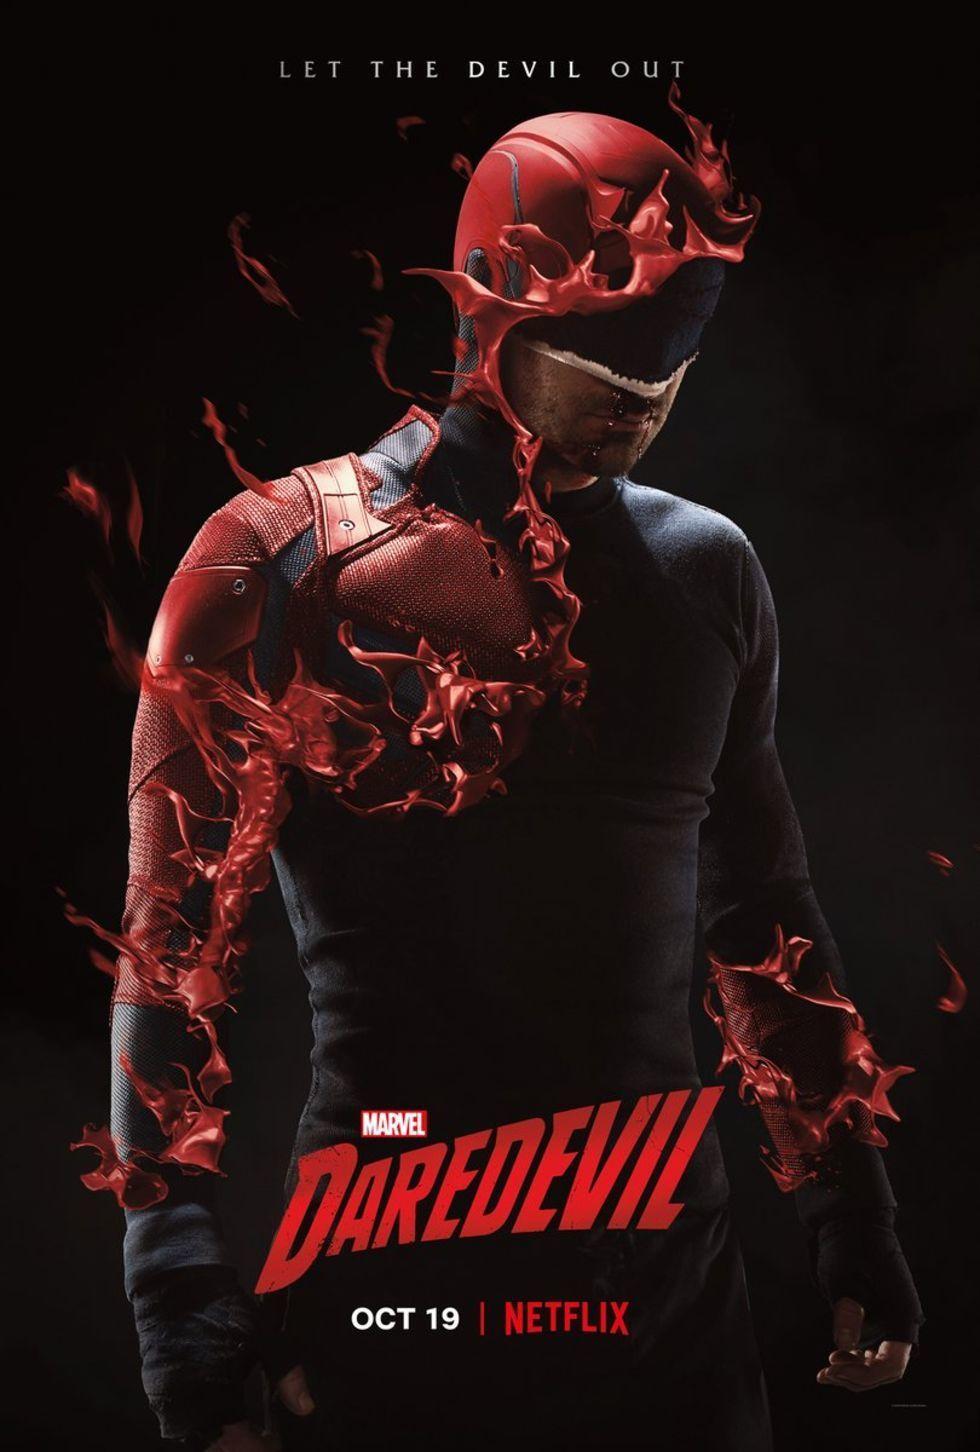 I morgon har Daredevil premiär på Netflix